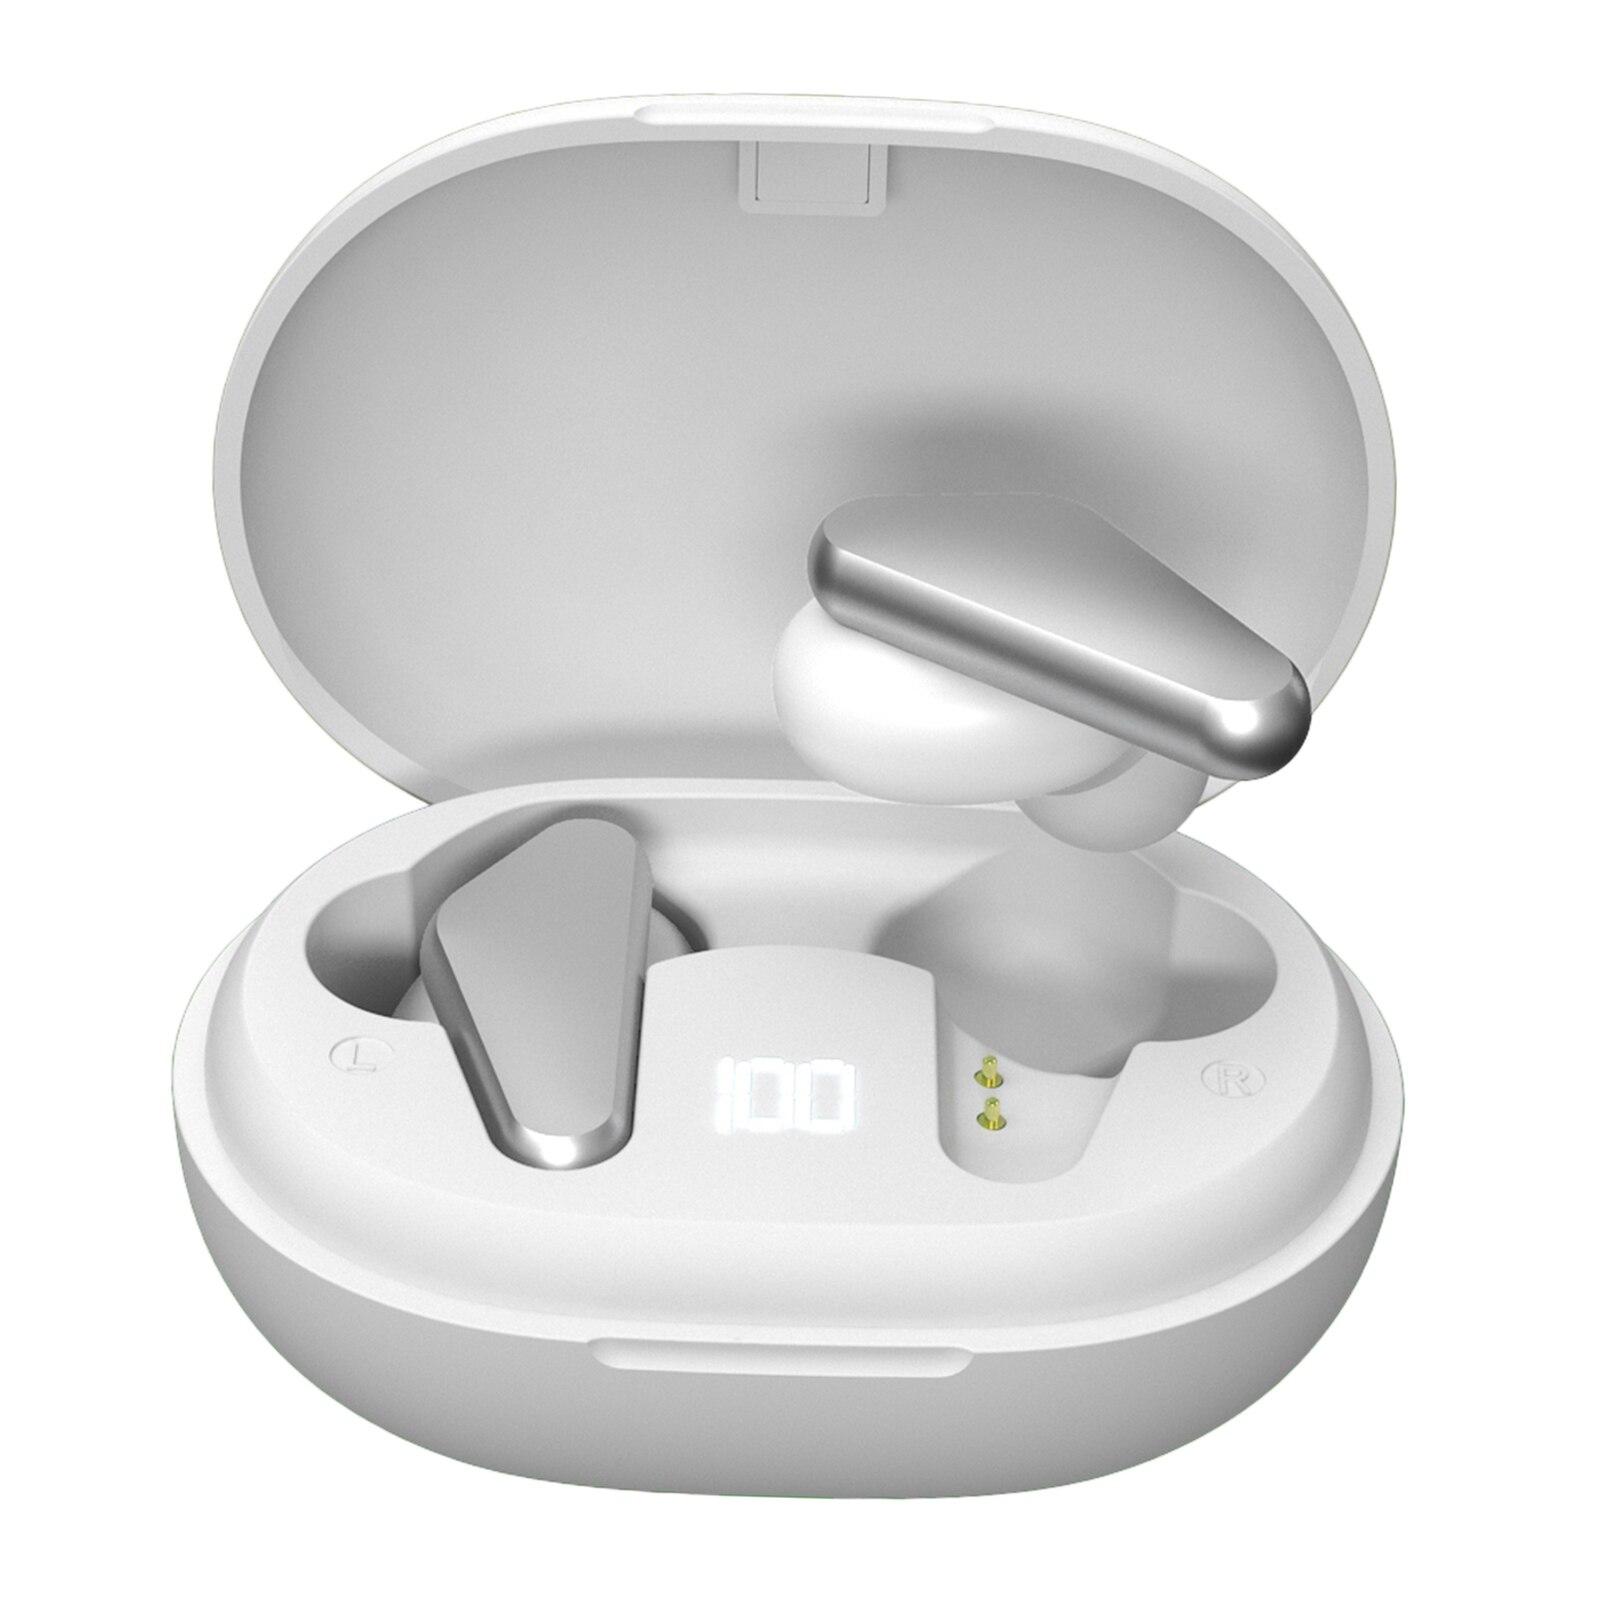 TW40 Waterproof Wireless Earbuds Bluetooth 5.0 in-Ear Headsets Built in Mic enlarge